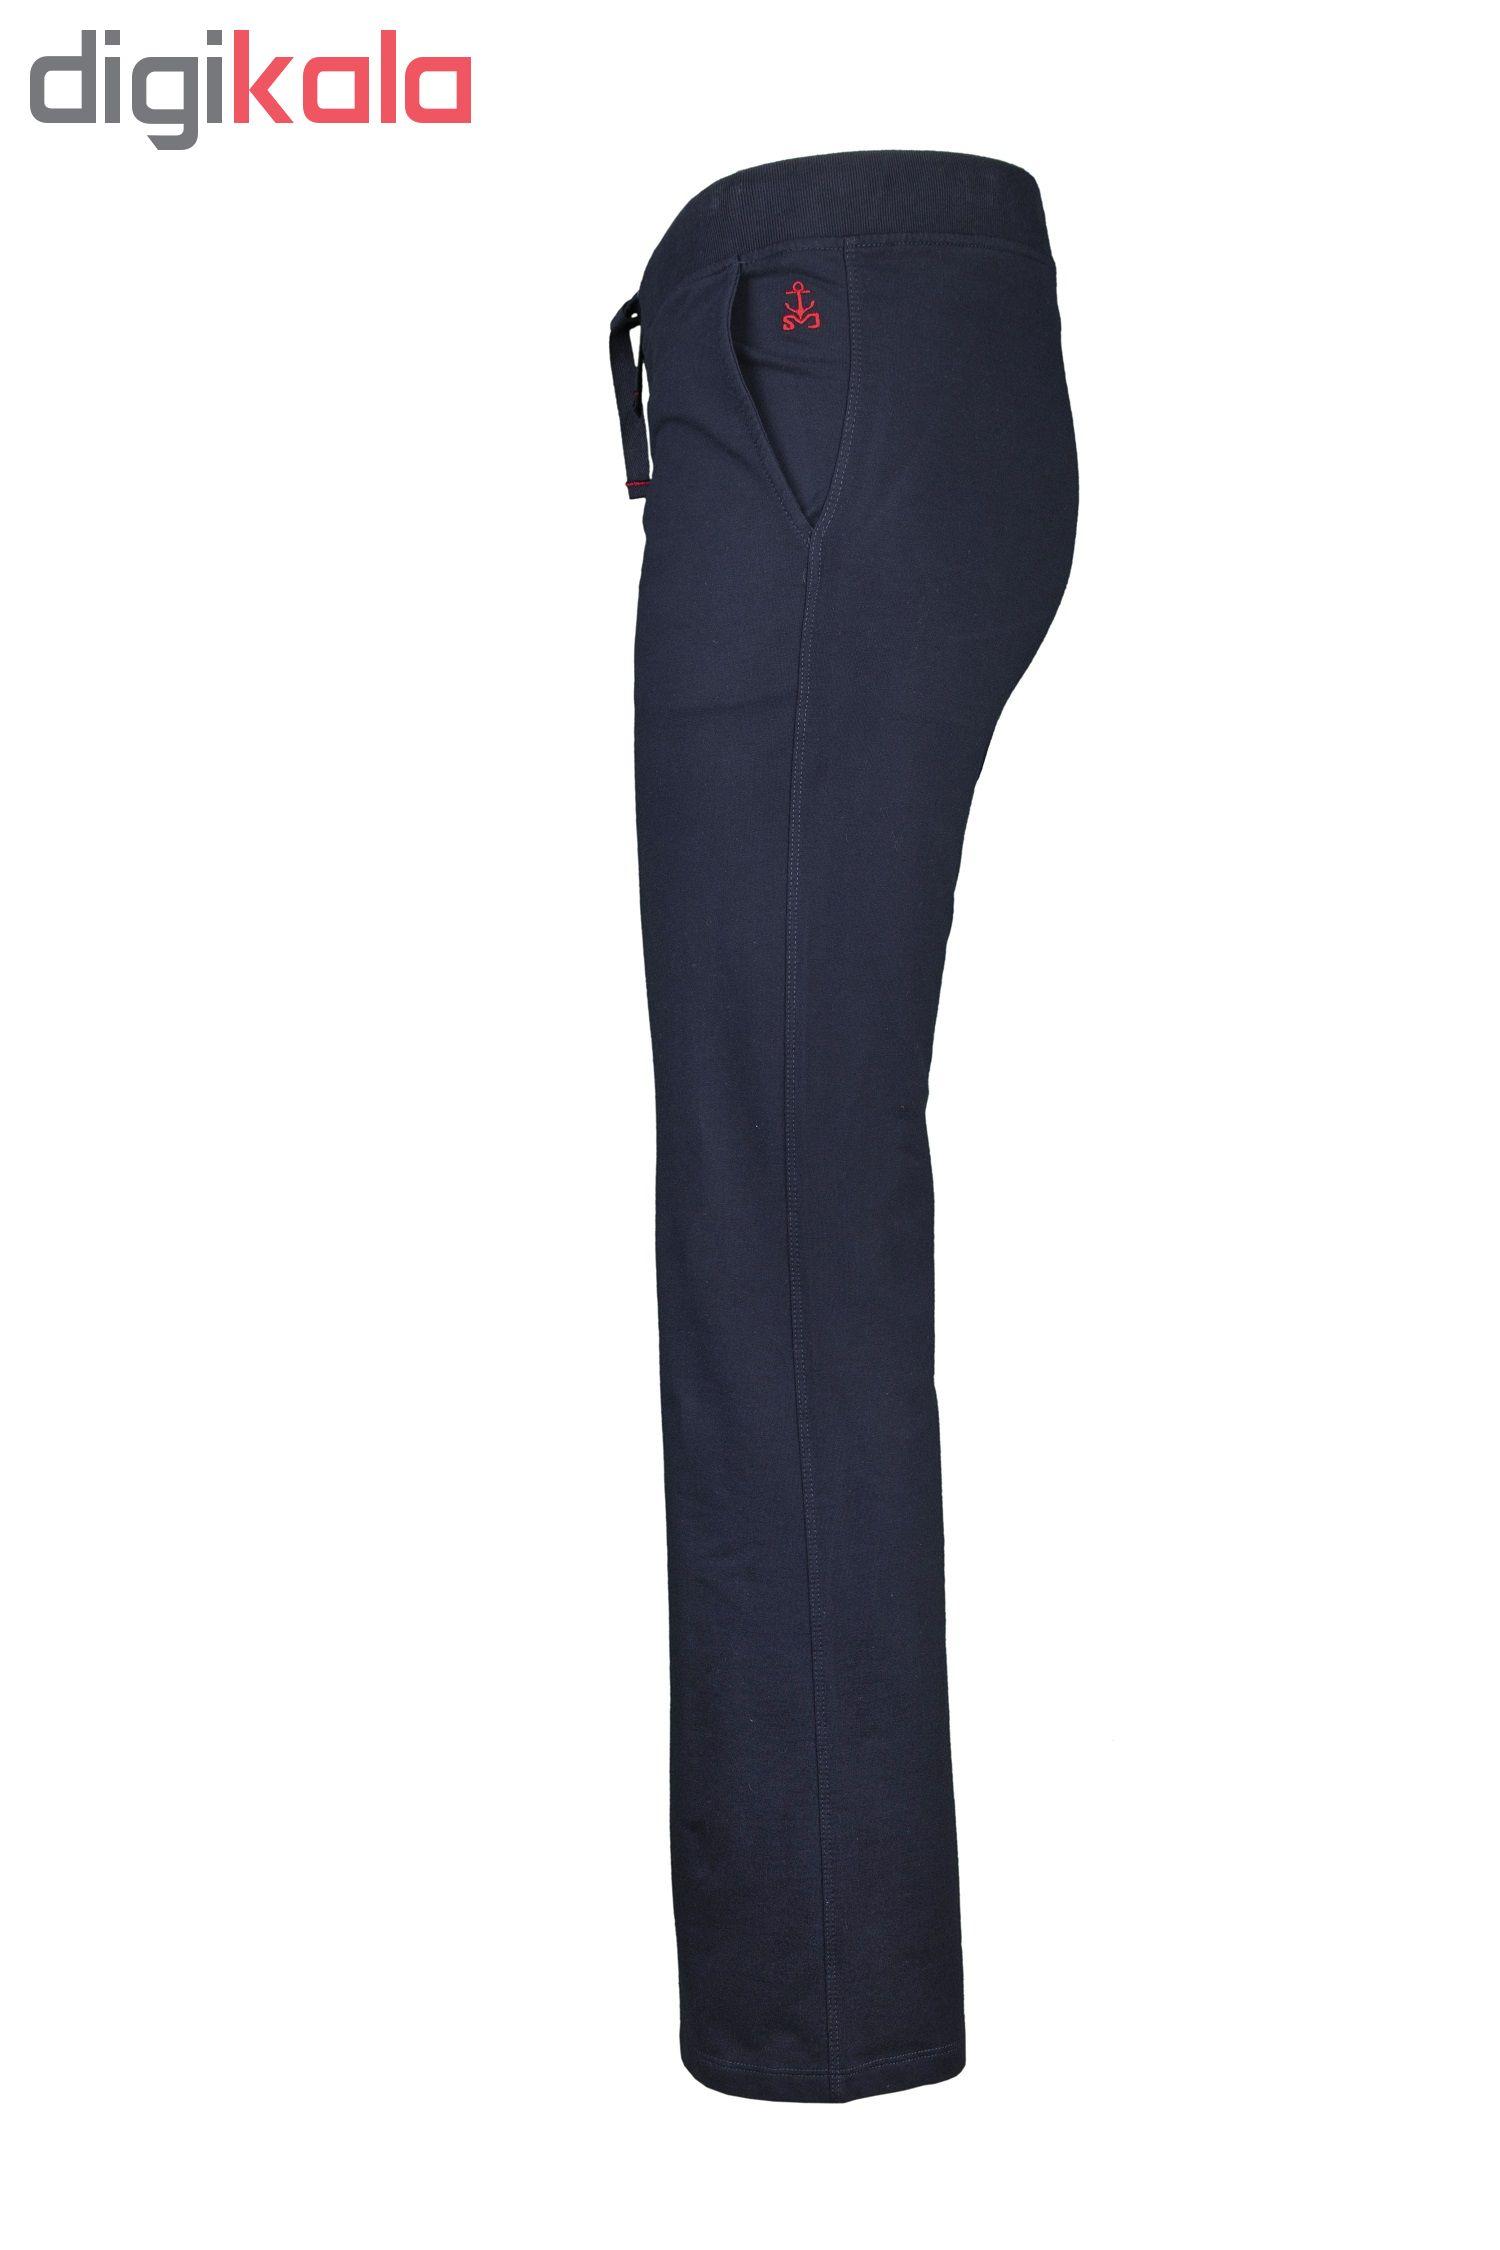 خرید                                      شلوار زنانه سیاوود مدل ANCHOR کد 6210501 رنگ سرمه ای